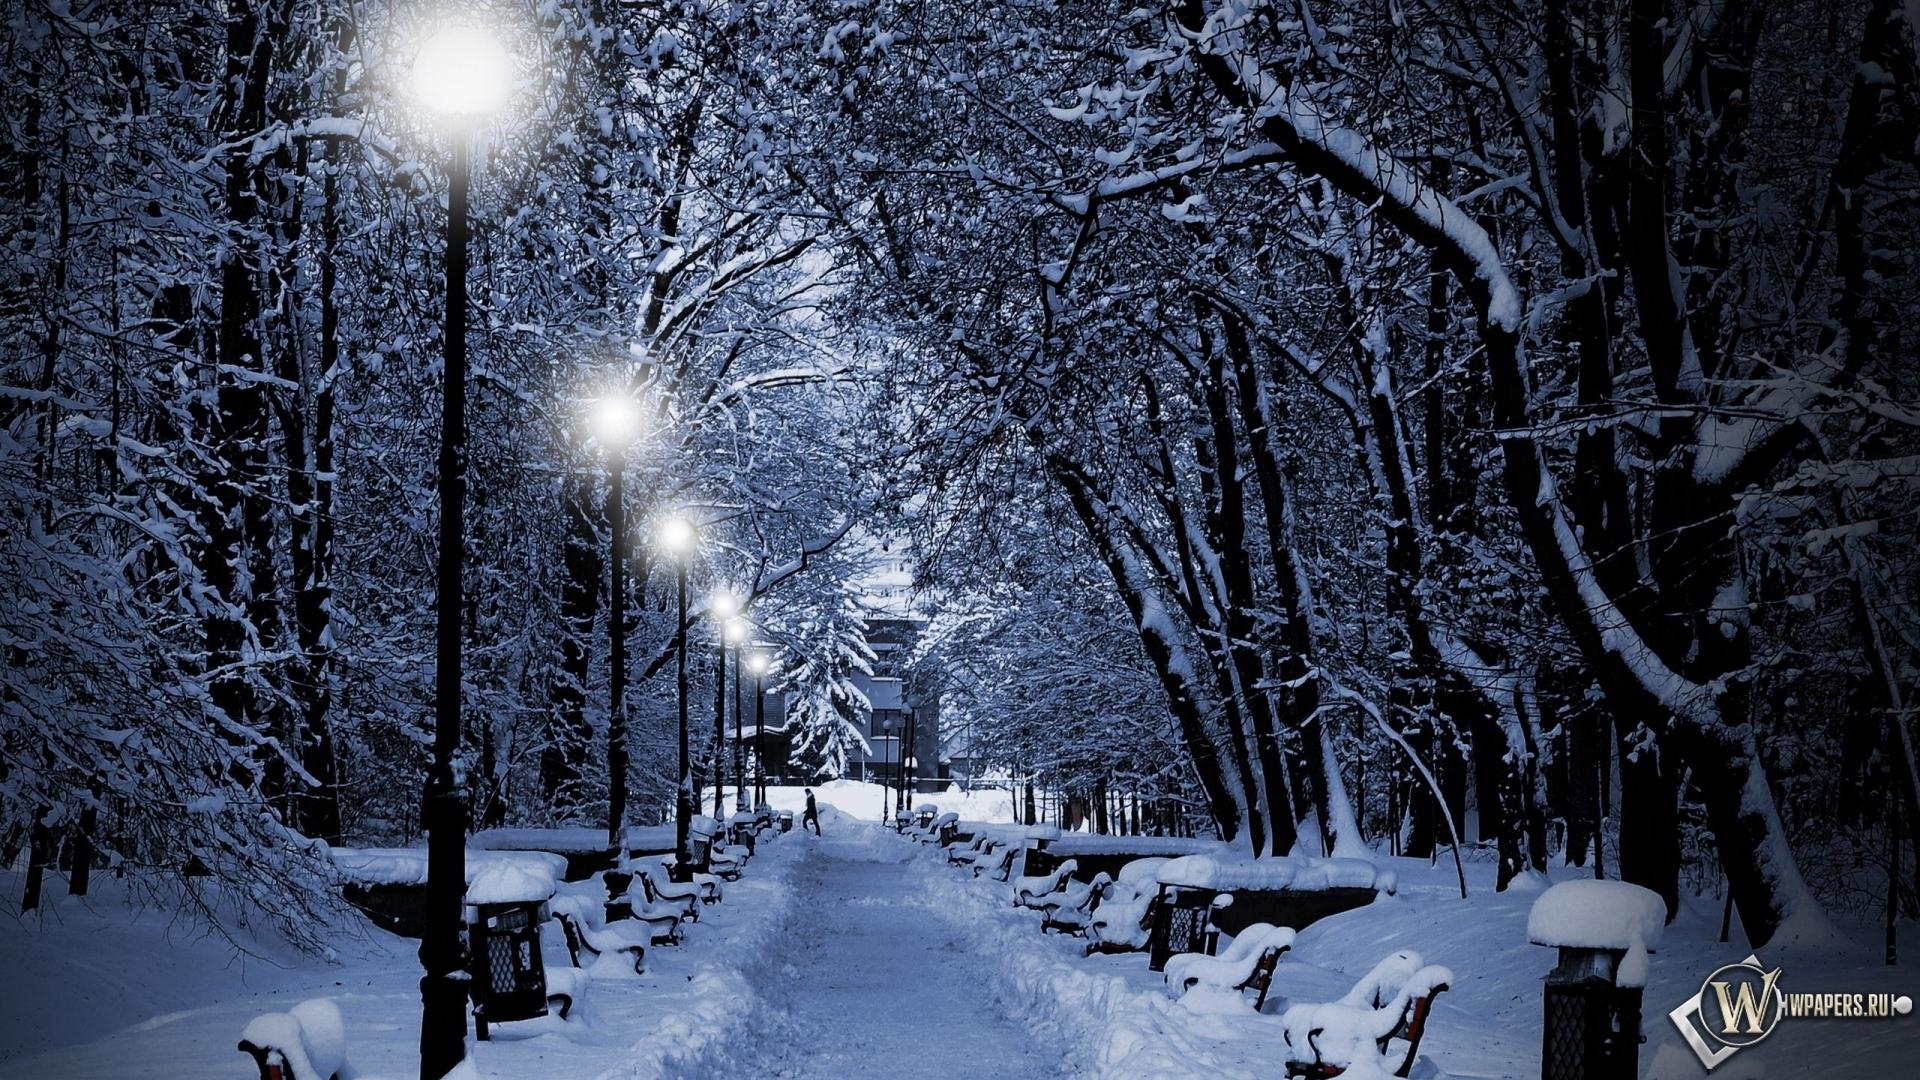 Аллея зимой 1920x1080